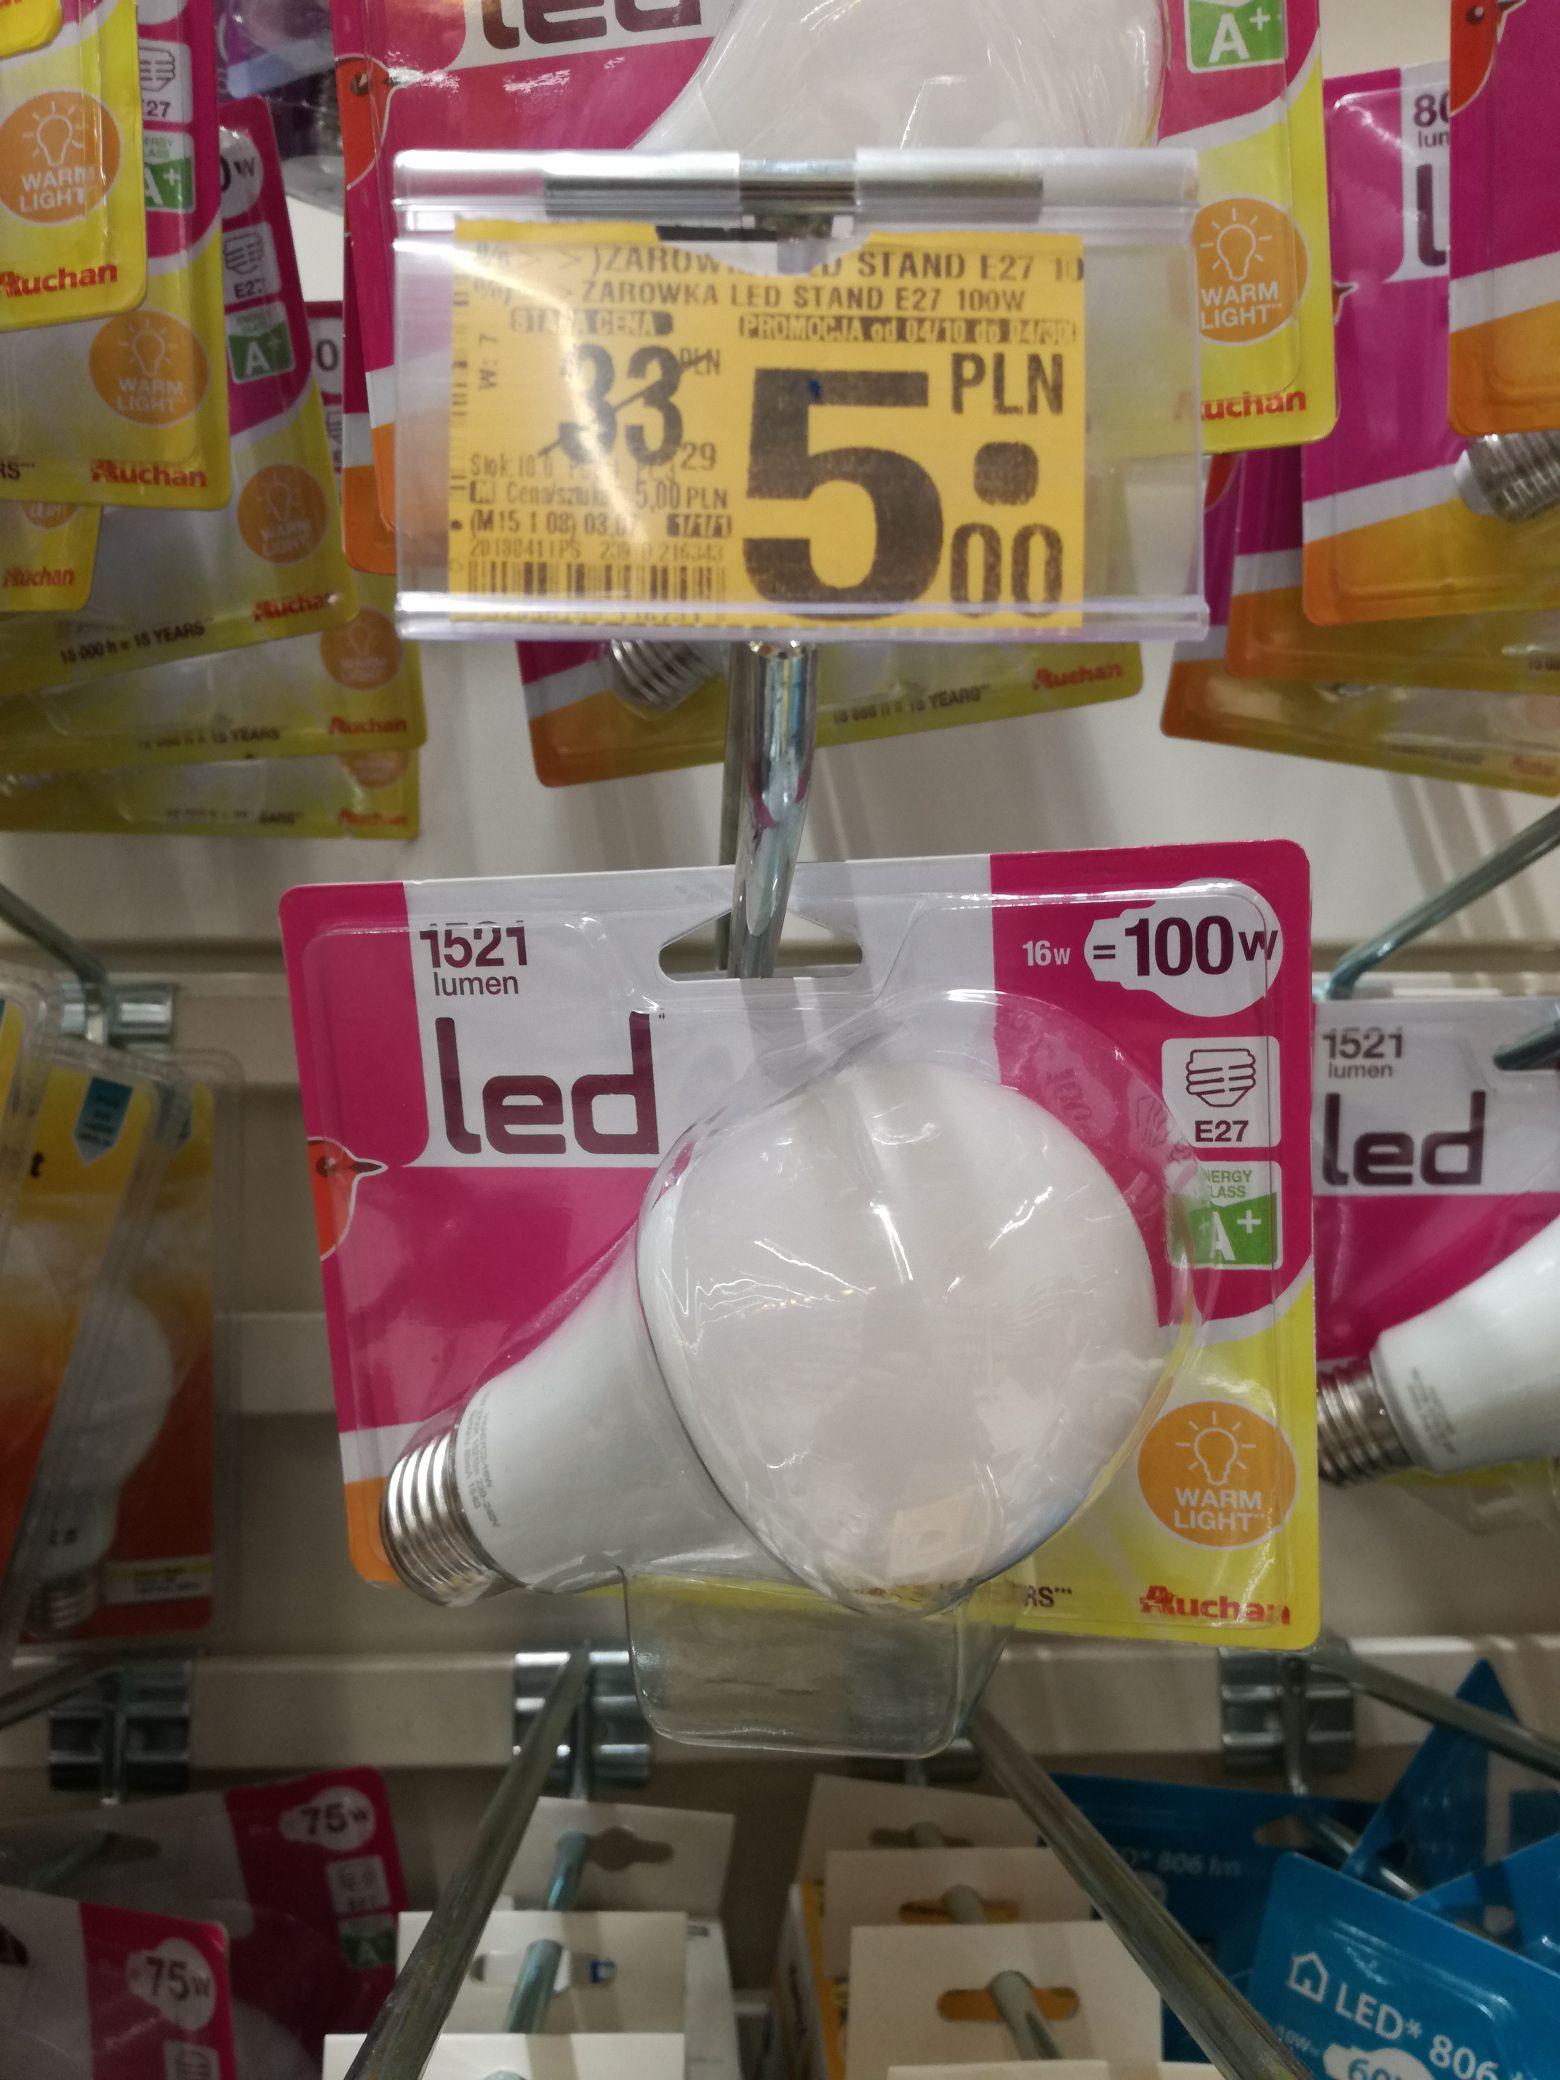 Żarówka Led E27 16W 1521 lumenów Auchan